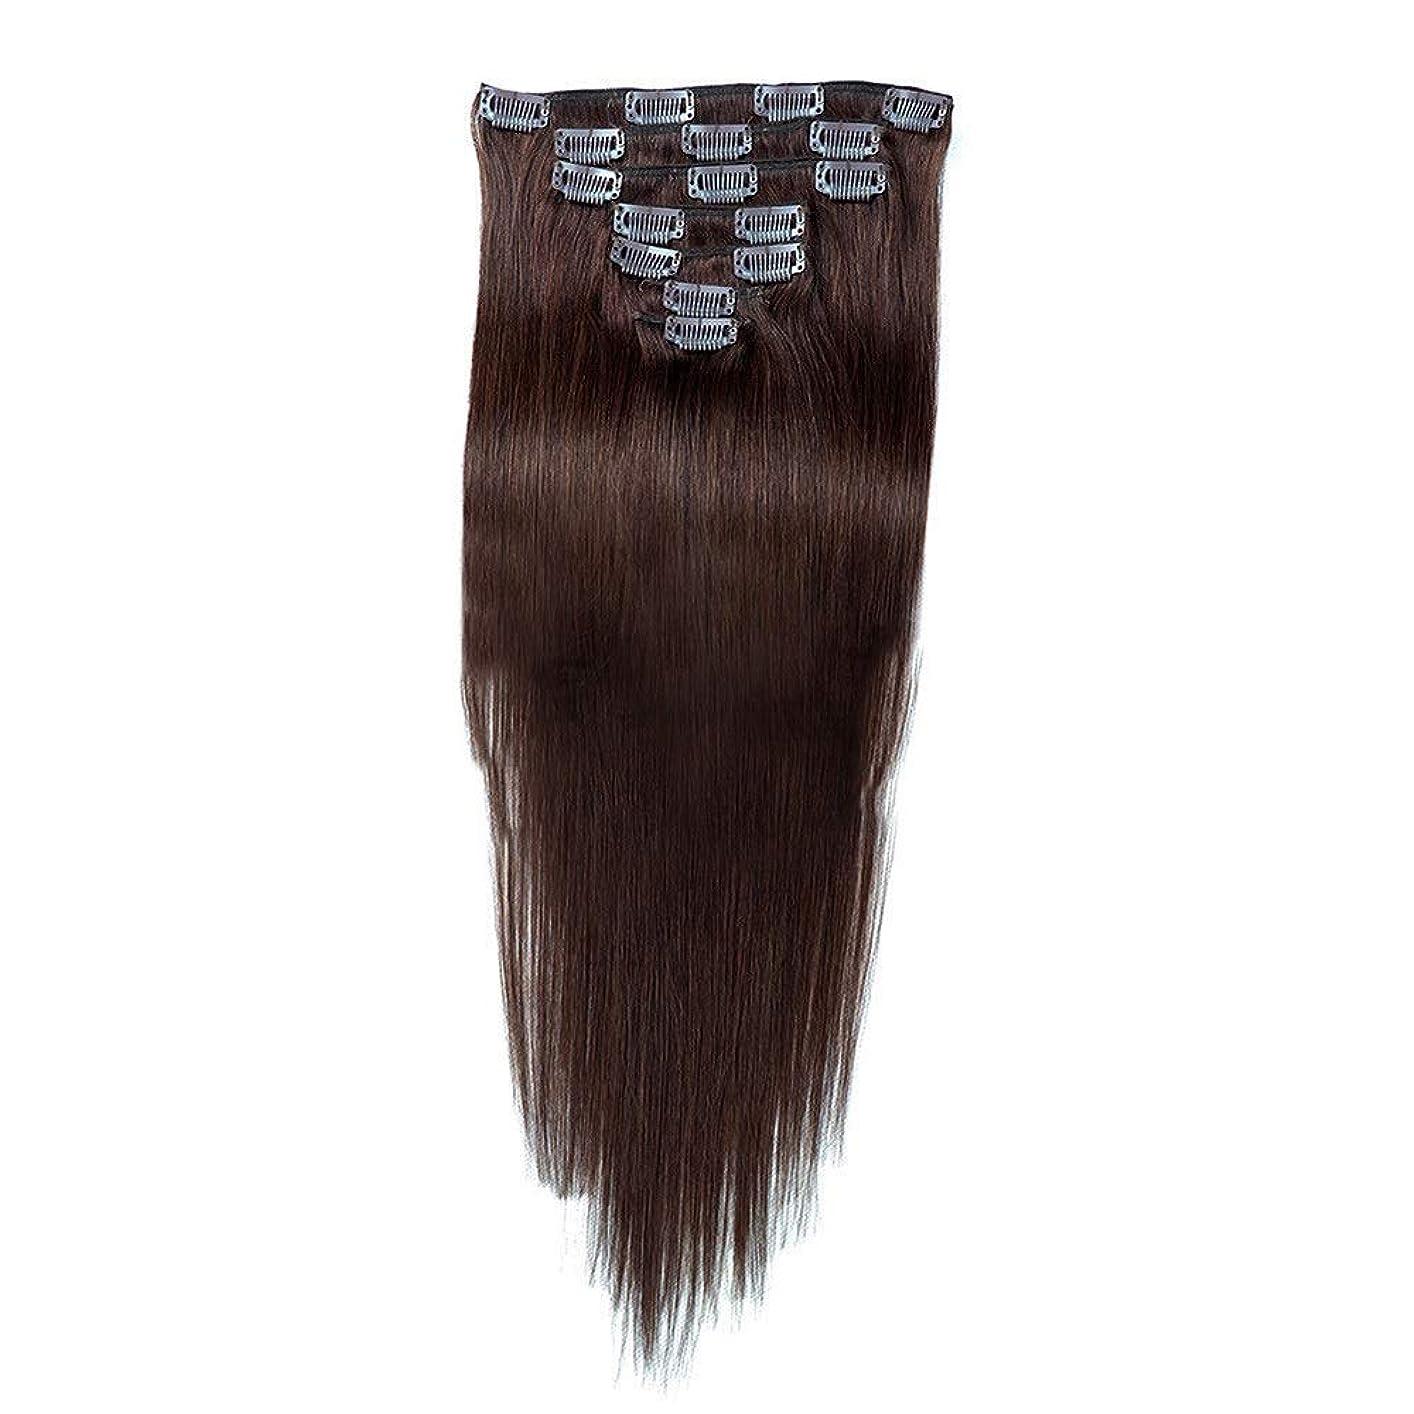 心理学牽引国家Yrattary 人間の髪の毛のRemyフルヘッドダブル横糸ストレートヘアピース(7個、#2ダークブラウン、20インチ、70g)のヘアエクステンションクリップ (色 : #2 Dark Brown)